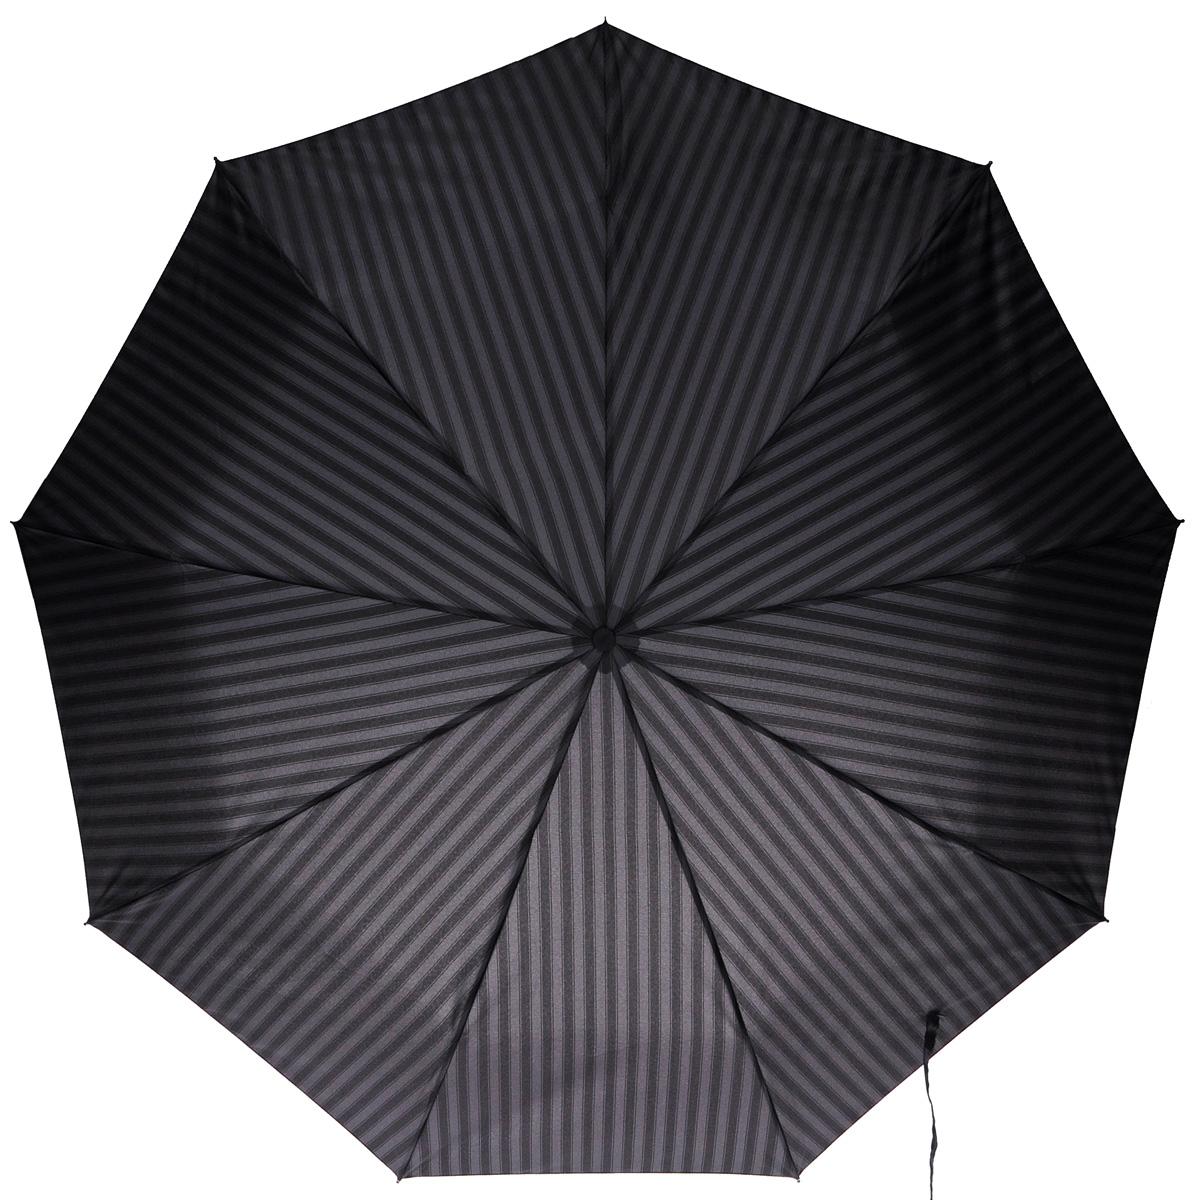 Зонт мужской Zest, автомат, 3 сложения, цвет: серый, черный. 13943-113943-1Элегантный автоматический зонт Zest в 3 сложения изготовлен из высокопрочных материалов. Каркас зонта состоит из 9 спиц из фибергласса и прочного алюминиевого стержня. Специальная система Windproof защищает его от поломок во время сильных порывов ветра. Купол зонта выполнен из прочного полиэстера с водоотталкивающей пропиткой и оформлен принтом в полоску. Используемые высококачественные красители обеспечивают длительное сохранение свойств ткани купола. Рукоятка закругленной формы, разработанная с учетом требований эргономики, выполнена из пластика. Зонт имеет полный автоматический механизм сложения: купол открывается и закрывается нажатием кнопки на рукоятке, стержень складывается вручную до характерного щелчка. Благодаря этому открыть и закрыть зонт можно одной рукой, что чрезвычайно удобно при входе в транспорт или помещение. К зонту прилагается чехол. Такой зонт не только надежно защитит вас от дождя, но и станет стильным аксессуаром, который подчеркнет ваш...